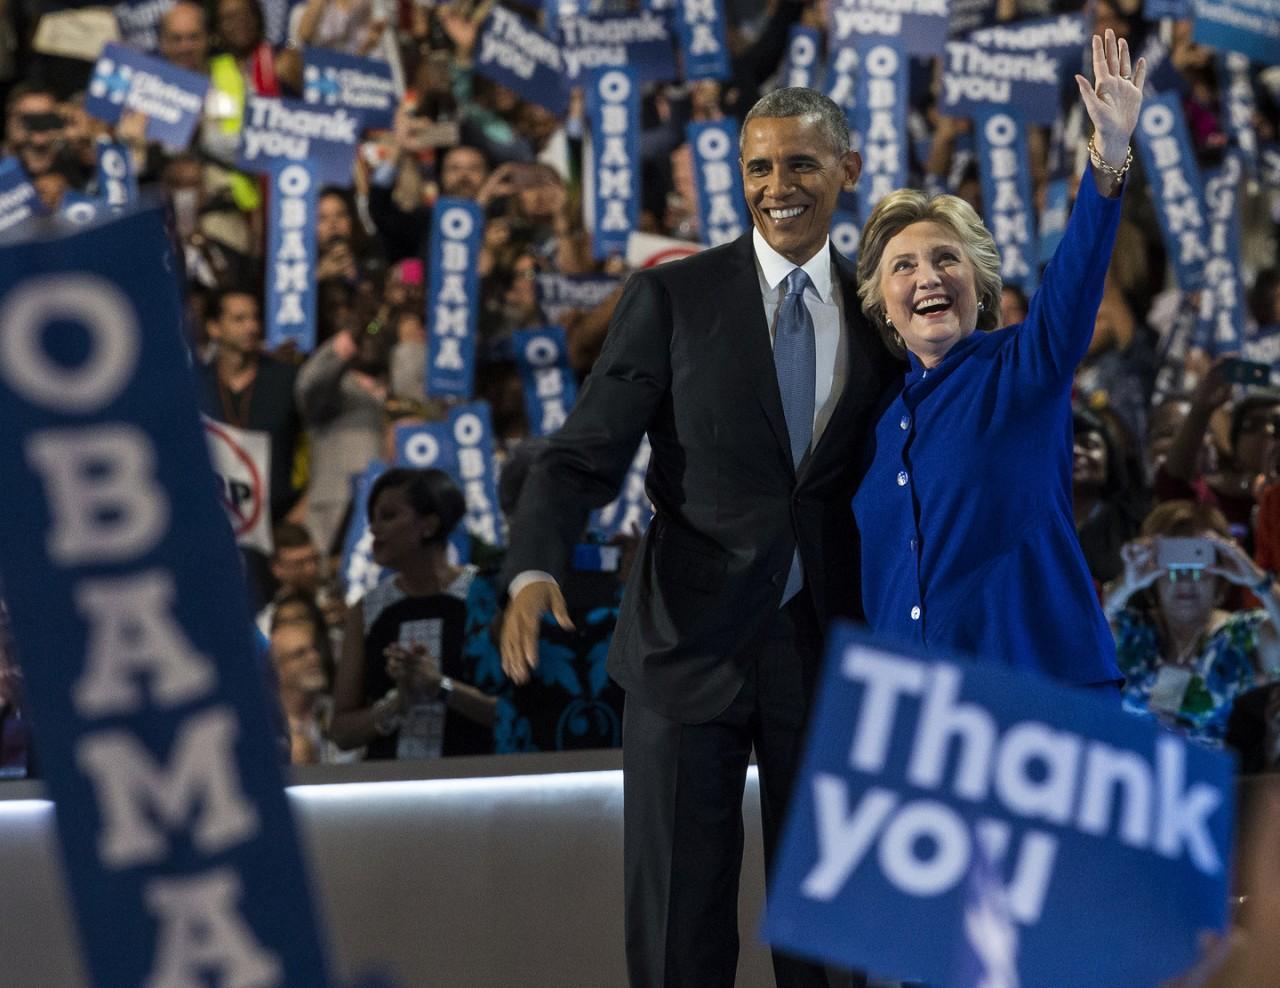 Опрос показал, что Обама и Клинтон считаются самыми уважаемыми людьми в США